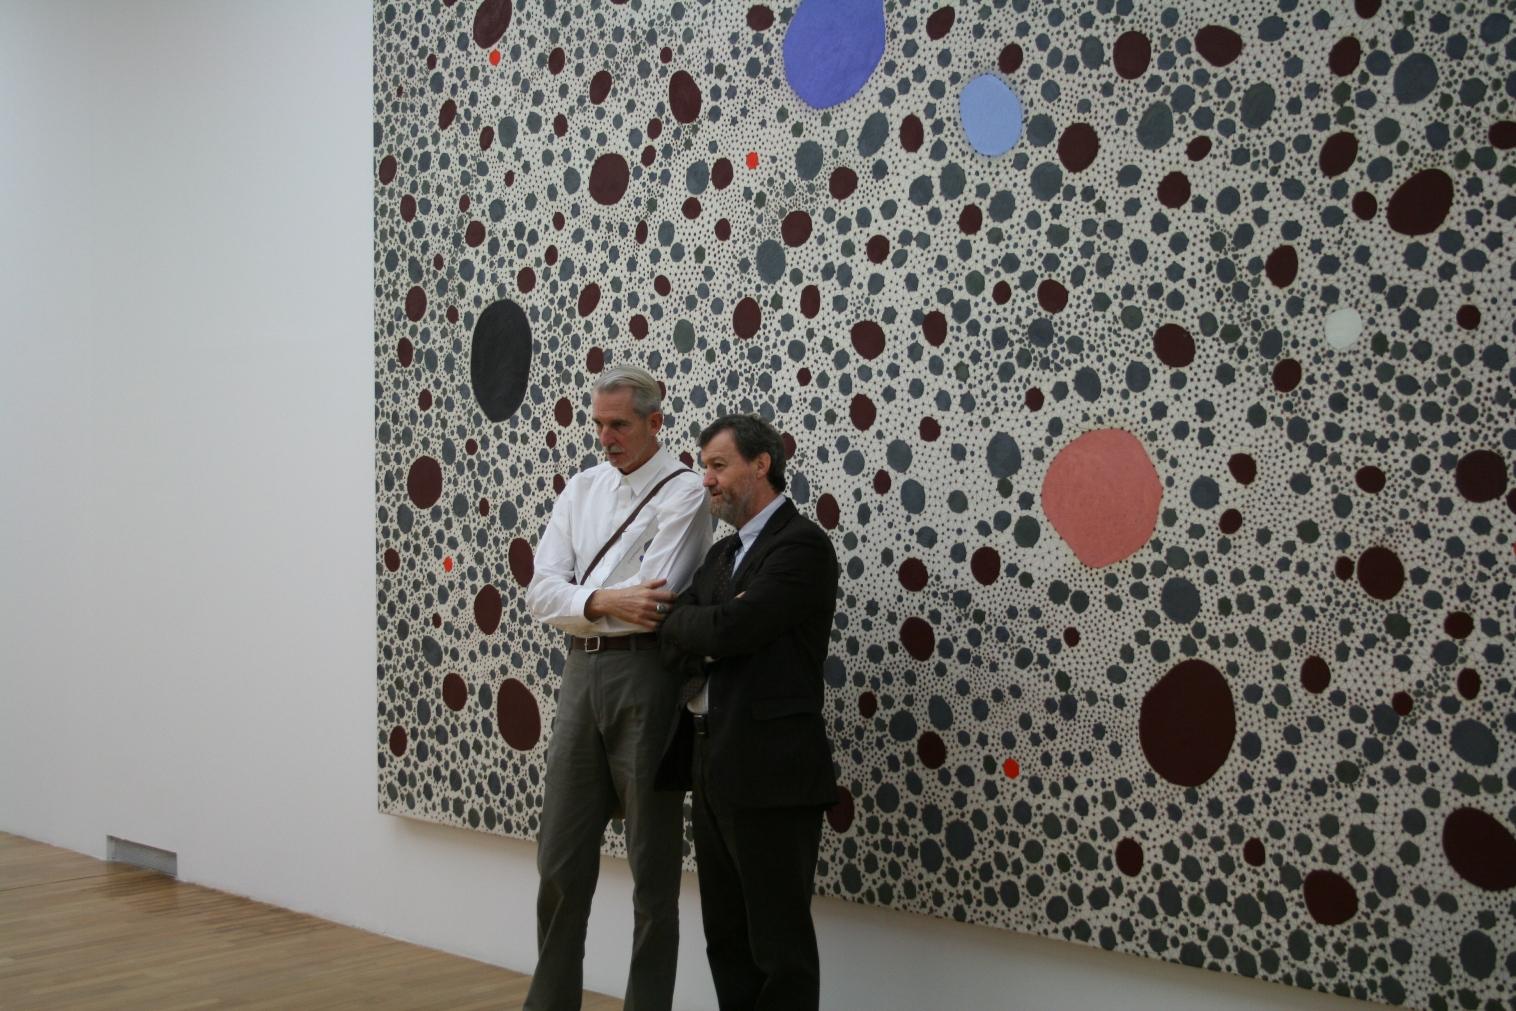 James Brown e Danilo Eccher alla mostra della GAM, Torino 2011